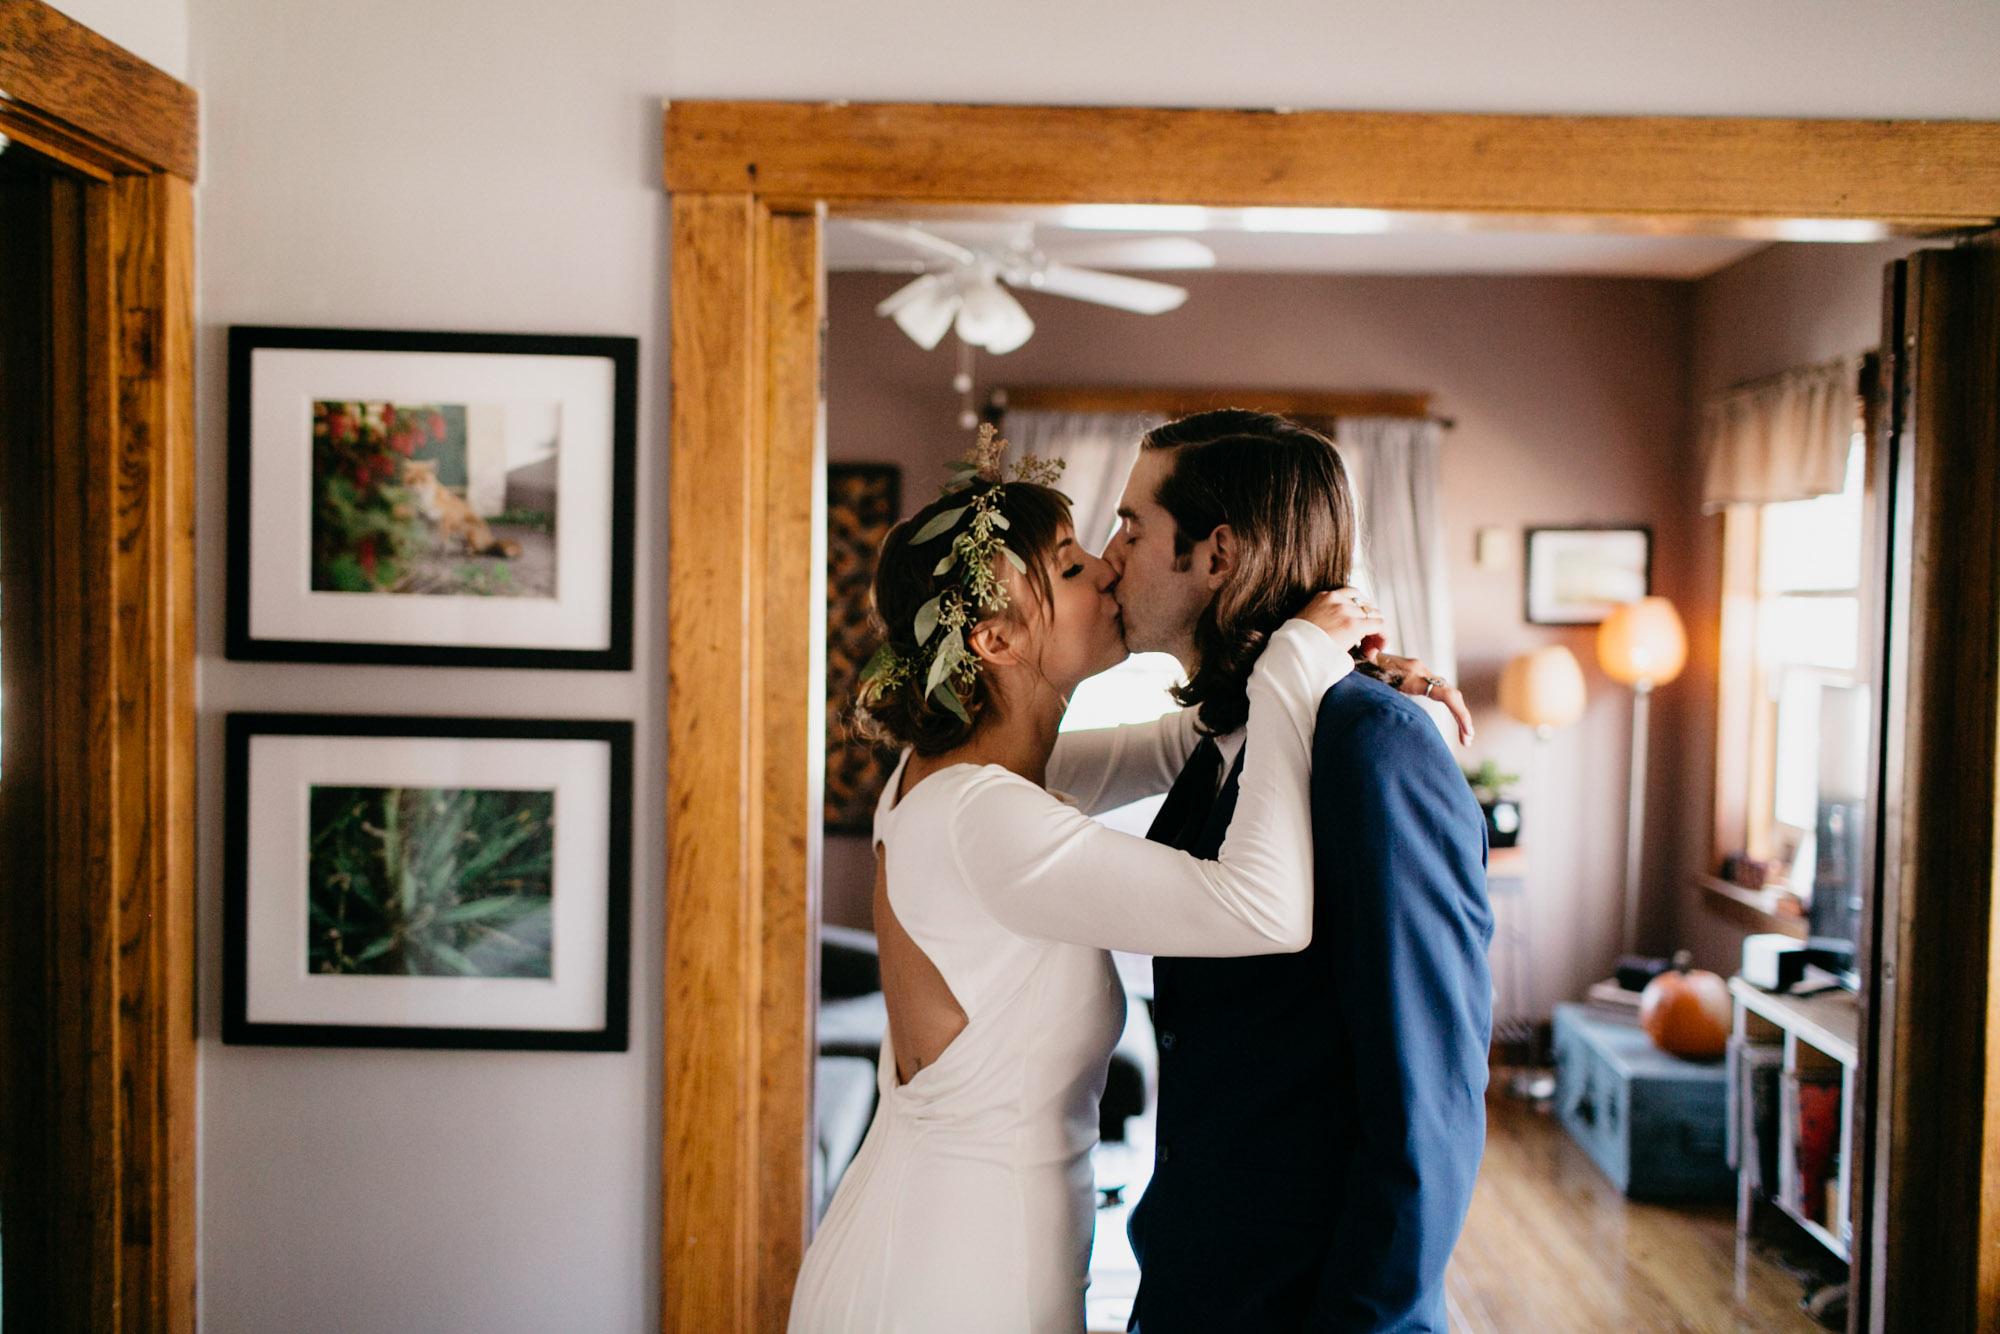 omaha-elopement-photographer-12.jpg